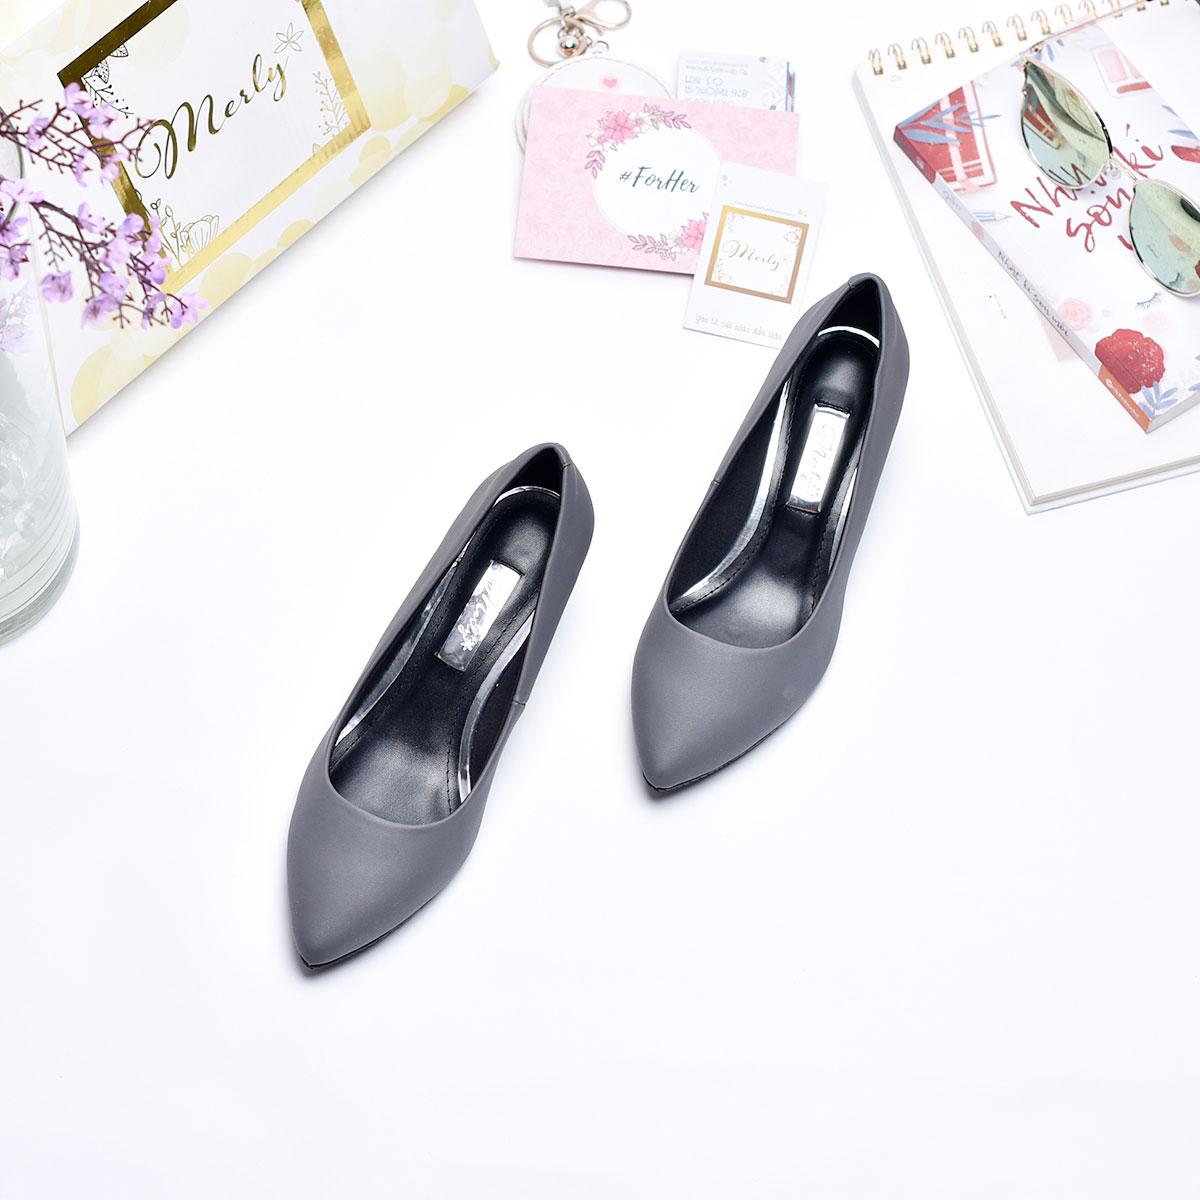 Giày gót thấp mũi nhọn Merly 1069 4